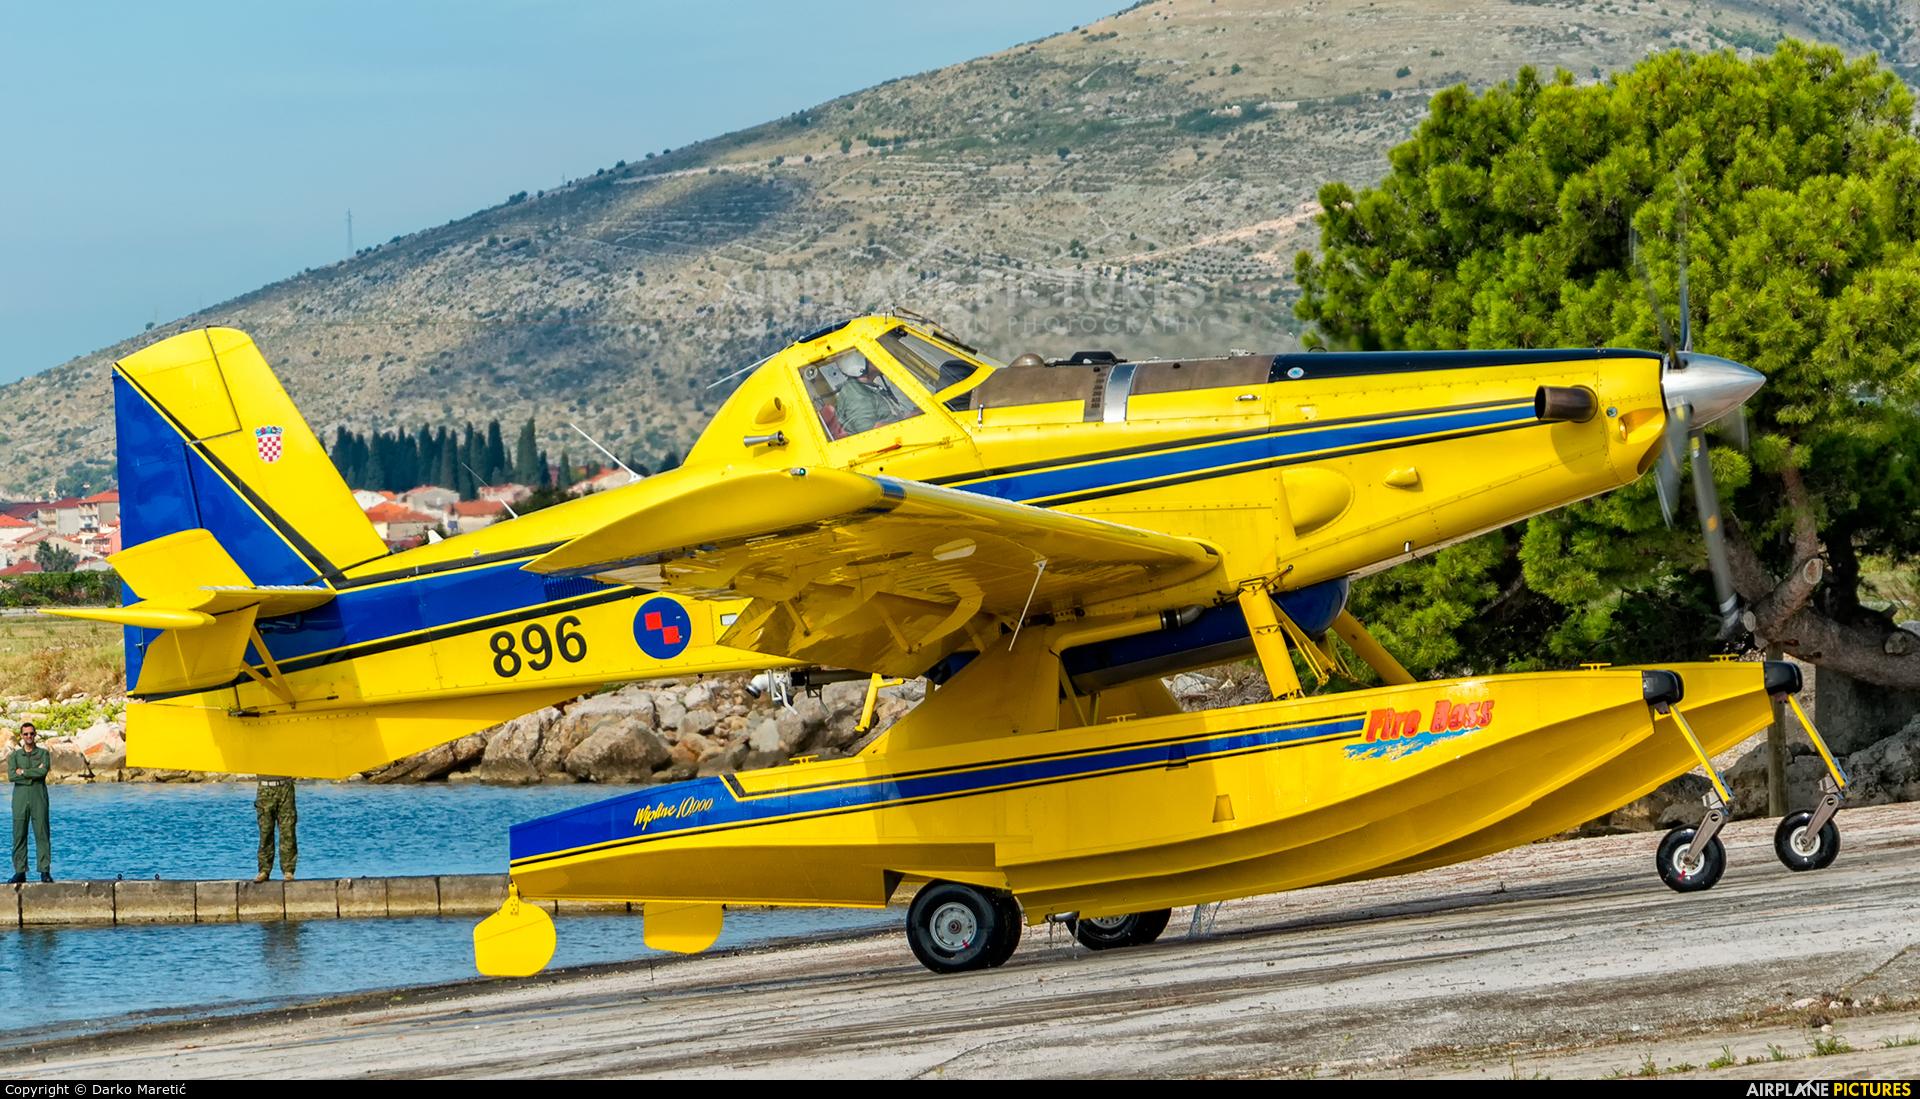 Croatia - Air Force 896 aircraft at Divulje